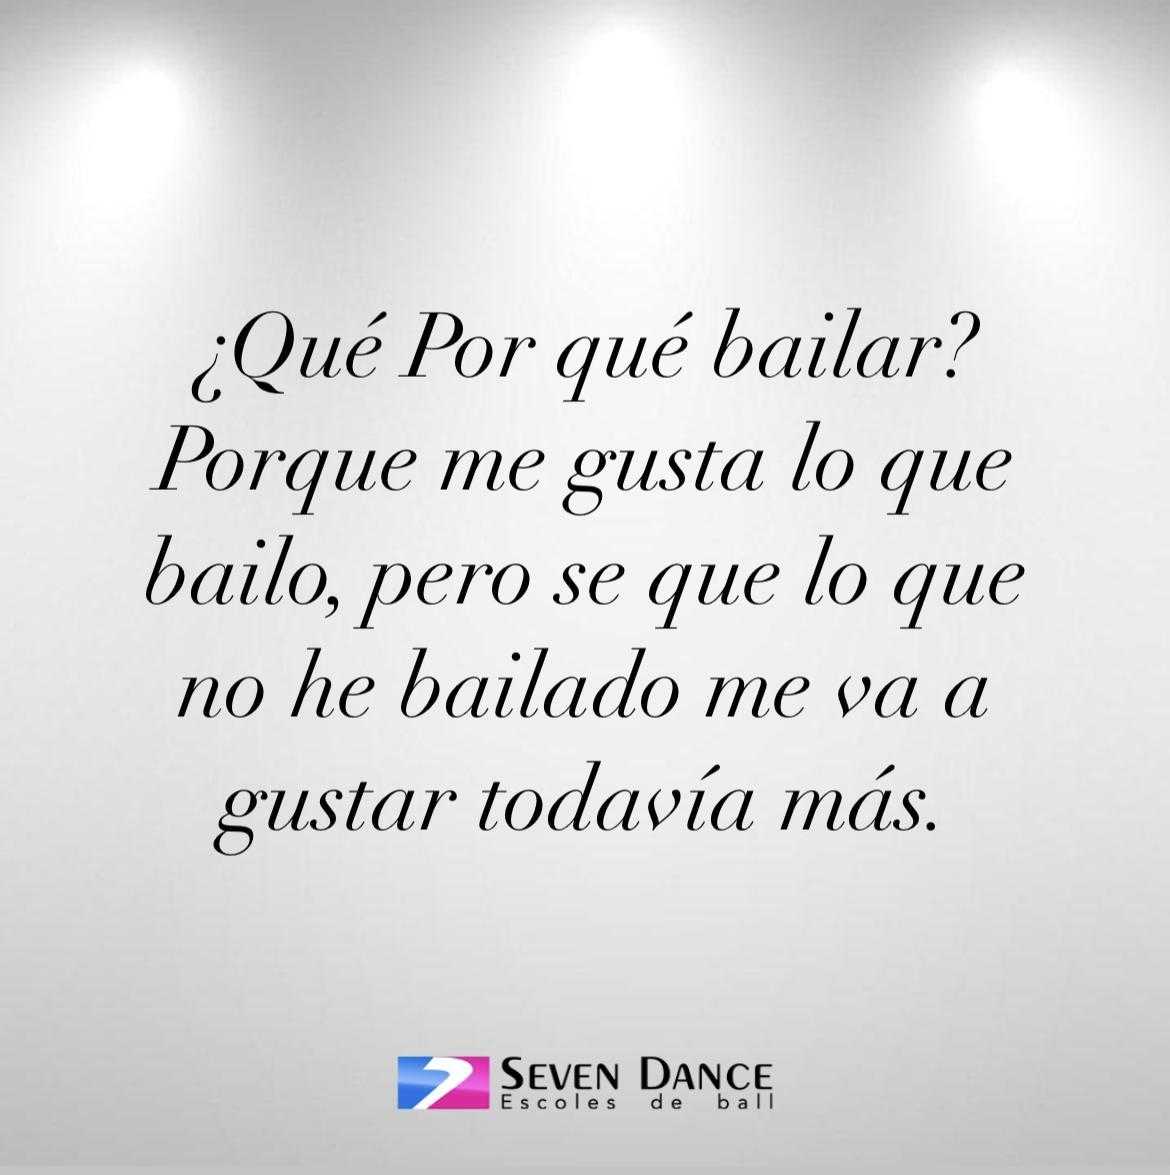 ¿Qué Por qué bailar? Porque me gusta lo que bailo, pero se que lo que no he bailado me va a gustar todavía más.